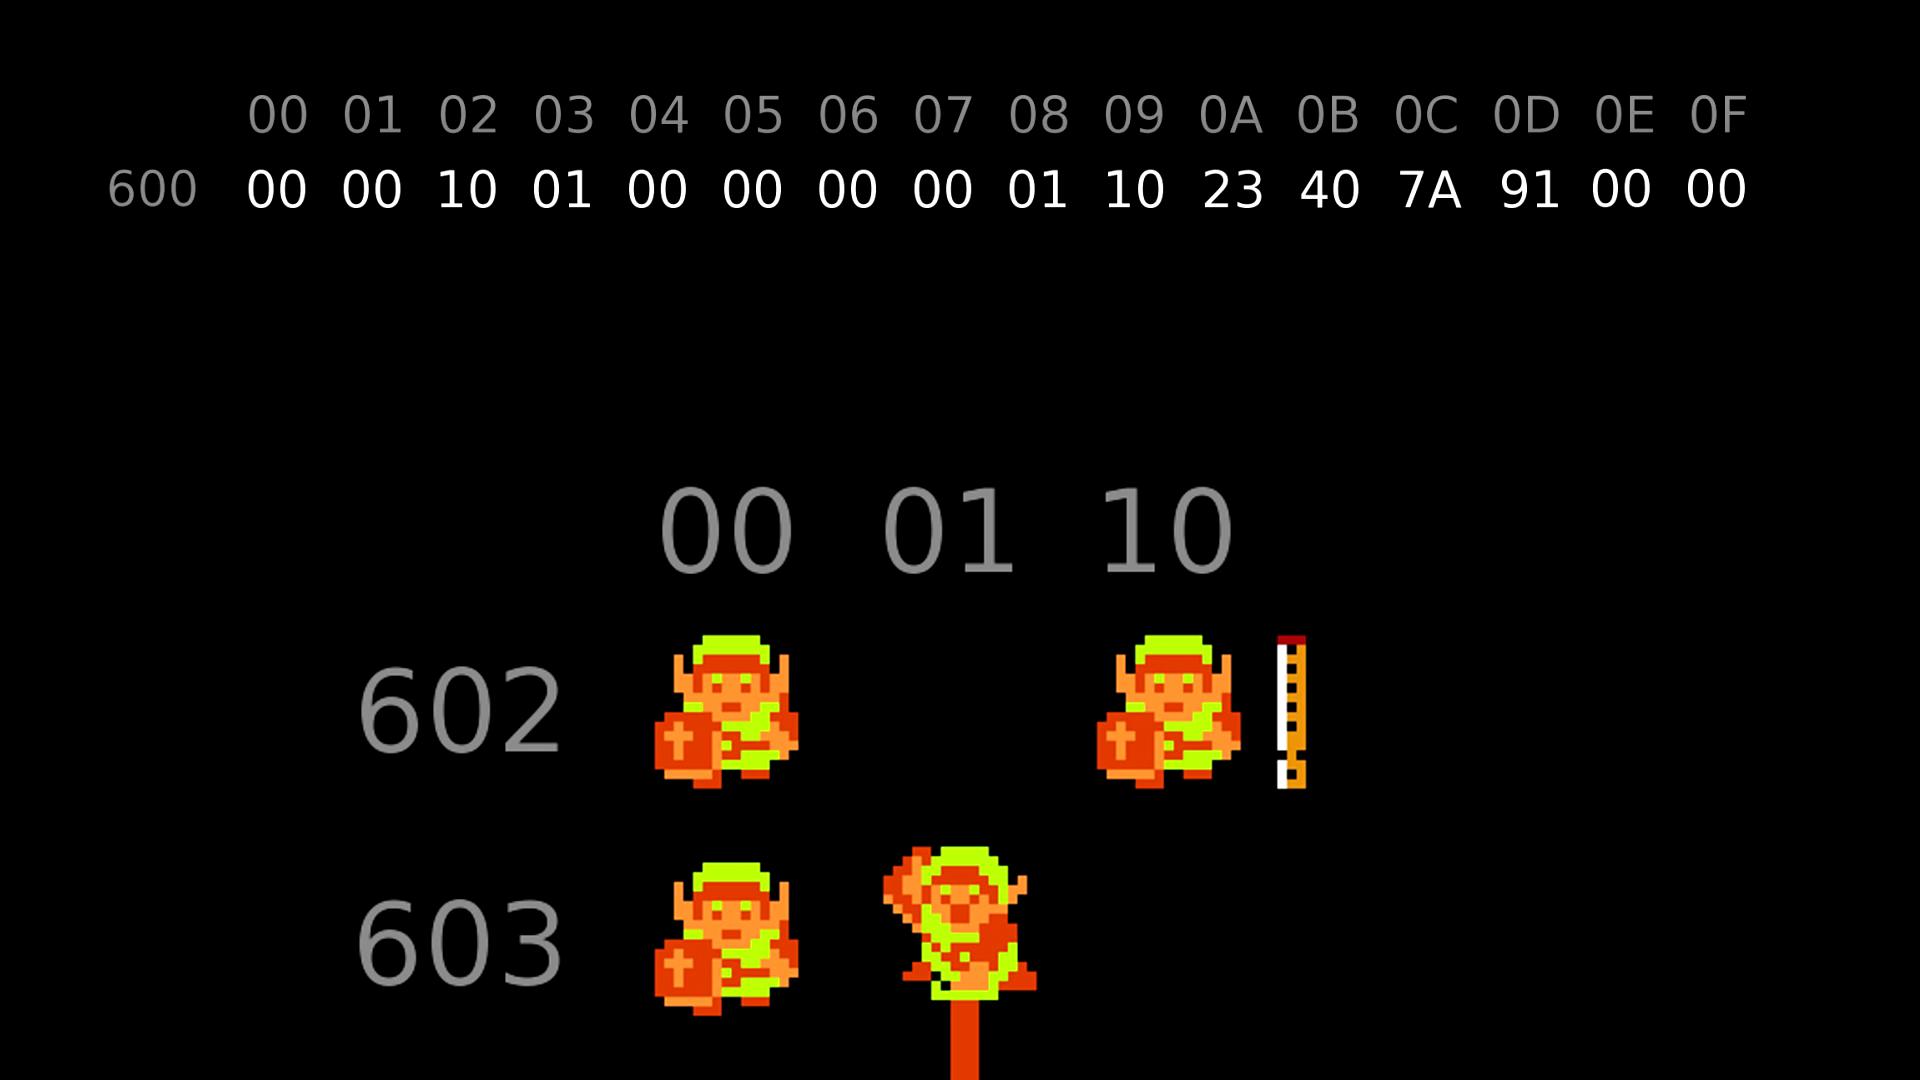 Спидран Legend of Zelda путём манипуляций памятью игры - 8